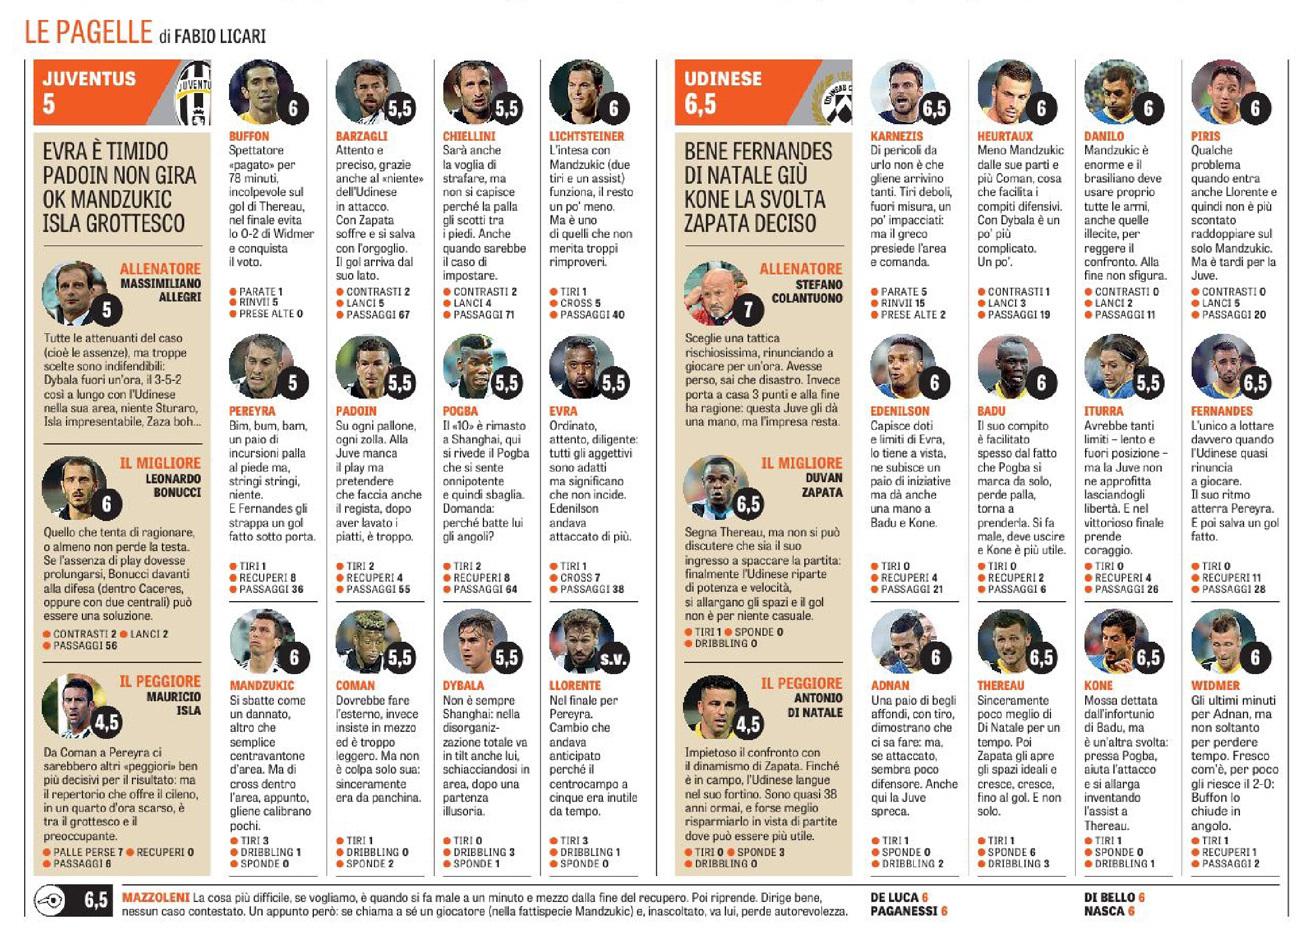 Juventus - Udinese, 2015.08.23. 18:00, Digi2  G-pagv6s81